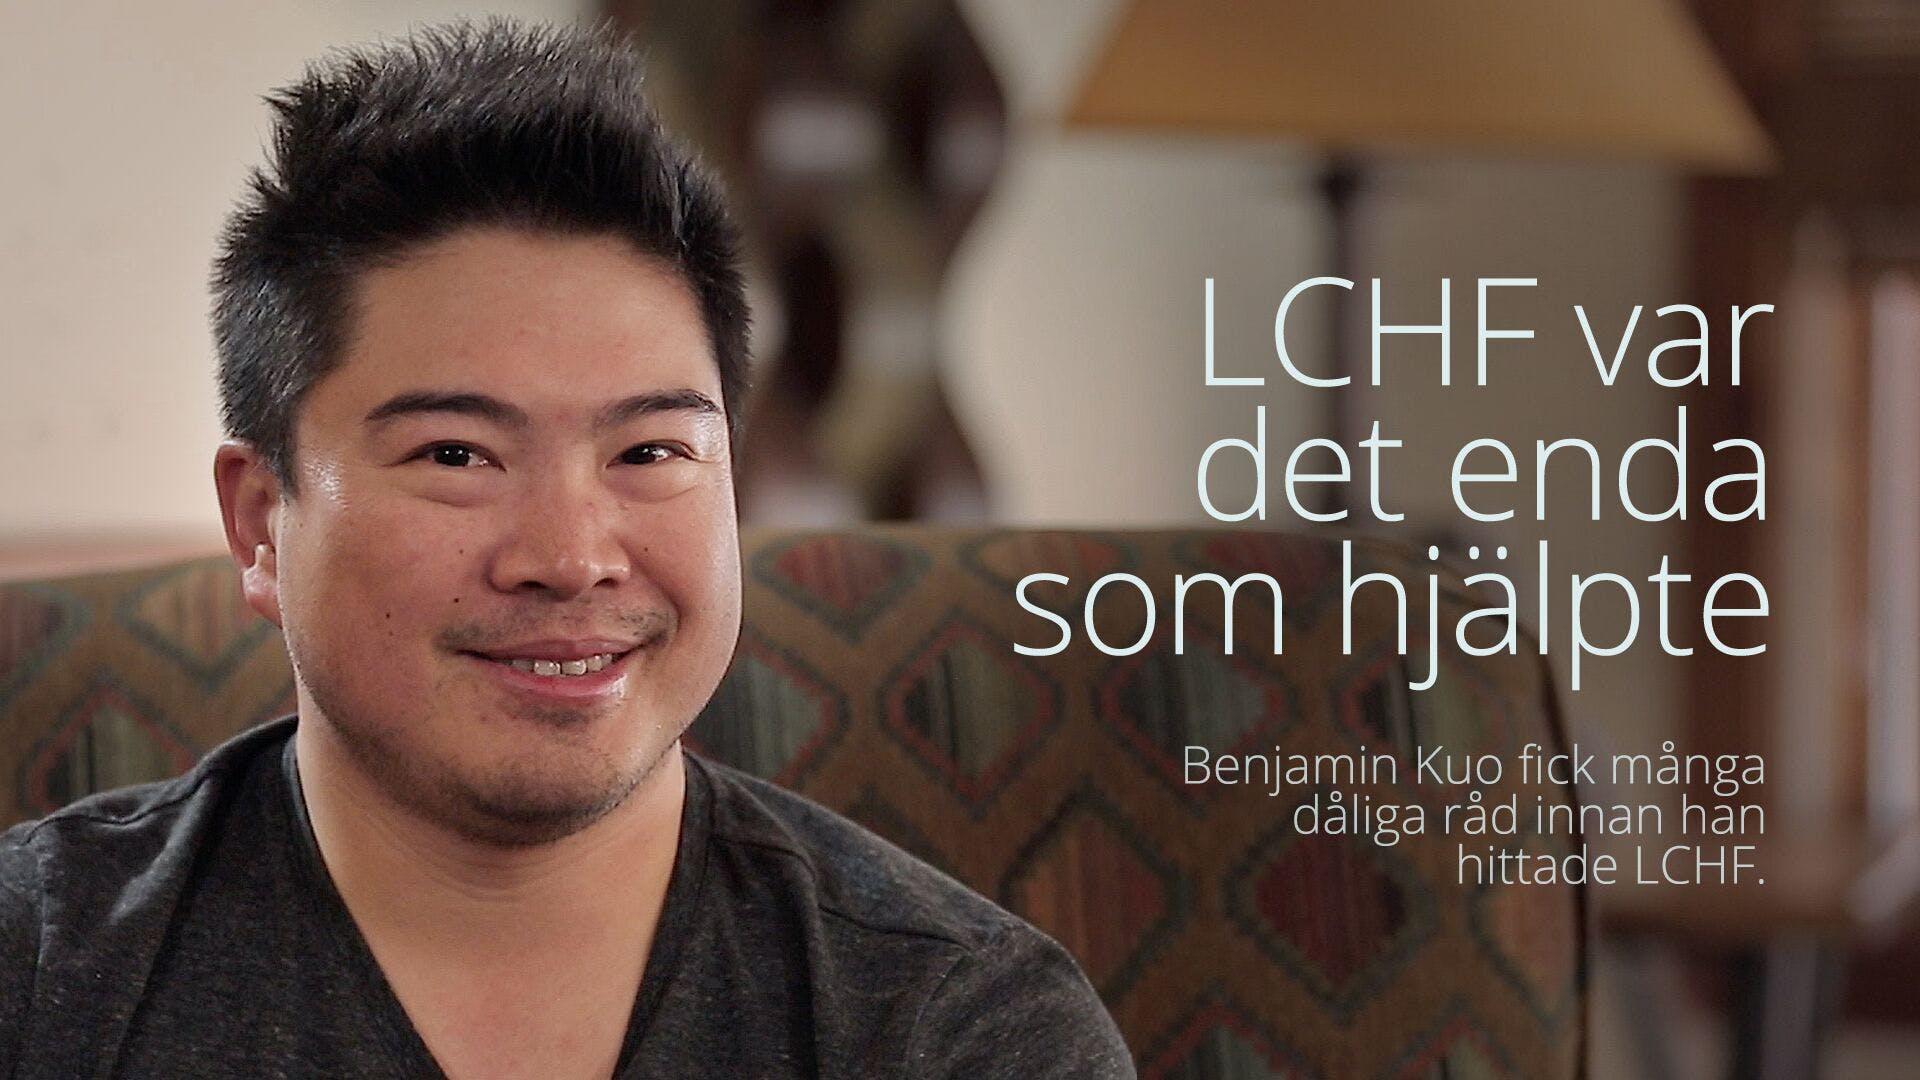 LCHF var det enda som hjälpte - hela intervjun